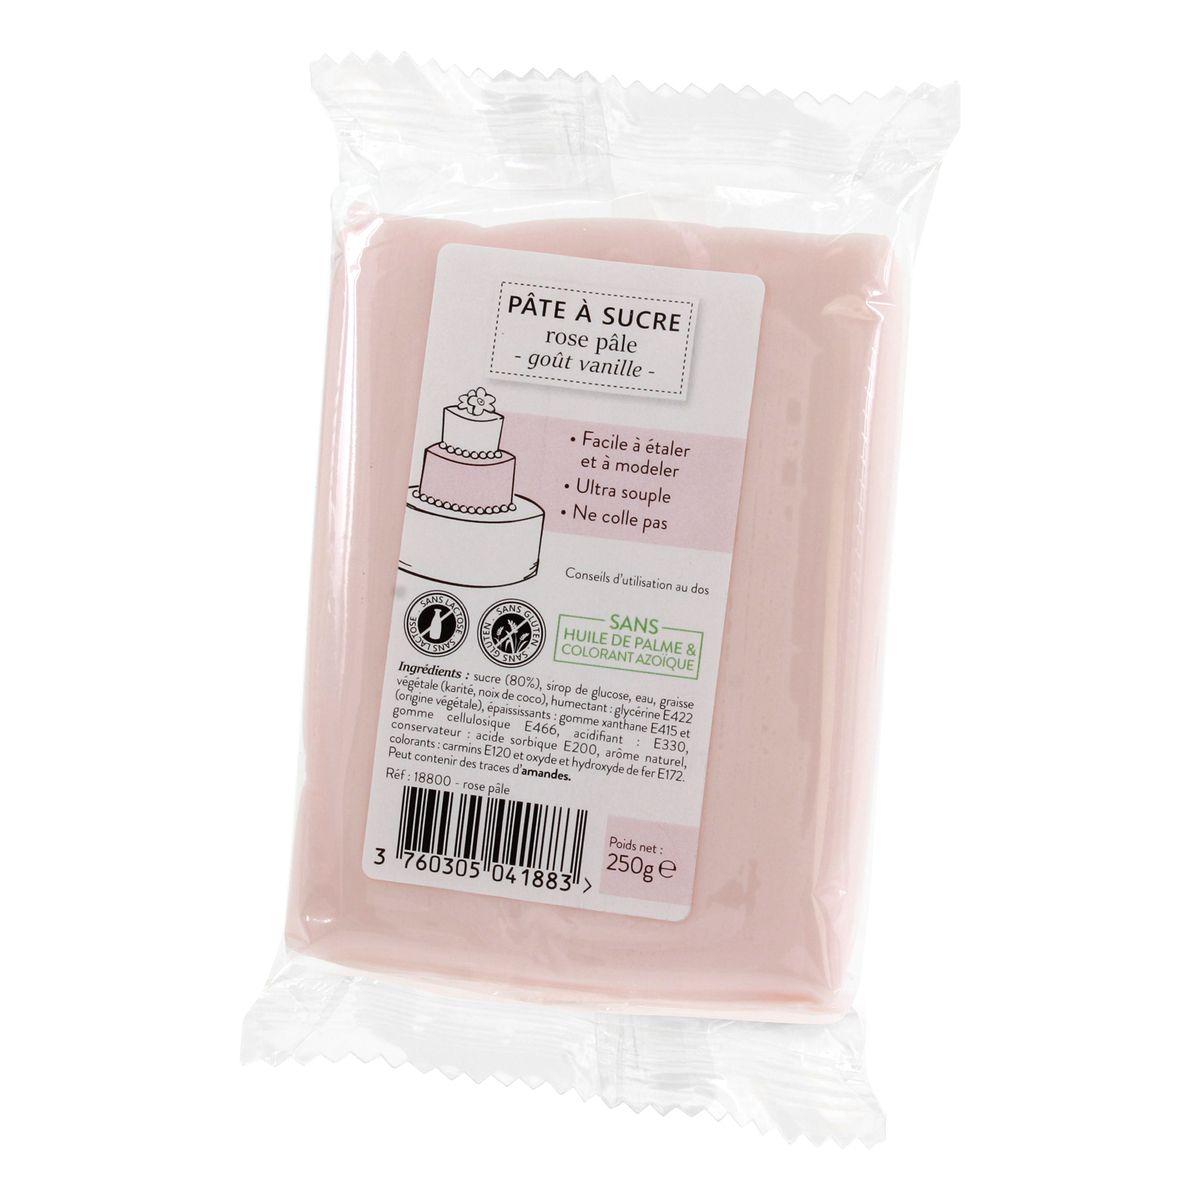 Pâte à sucre rose pâle 250g sans huile de palme